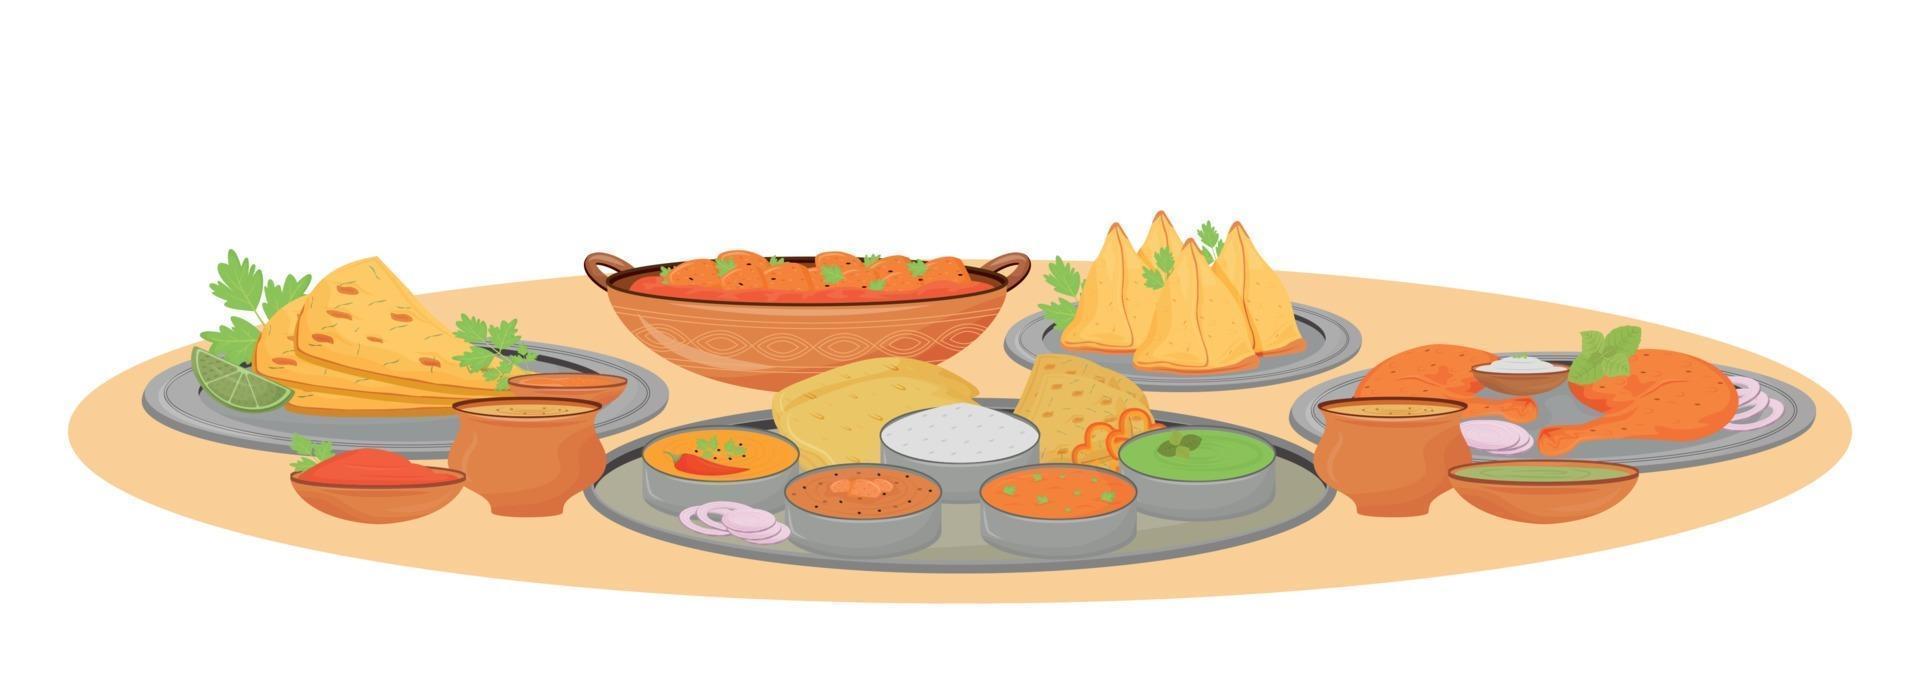 Indiase gerechten serveren cartoon vectorillustratie. traditionele keukenmaaltijden en pittige sauzen in thali-egaal kleurobject. Indisch restaurantvoedsel, geserveerd tafeloppervlak geïsoleerd op een witte achtergrond vector